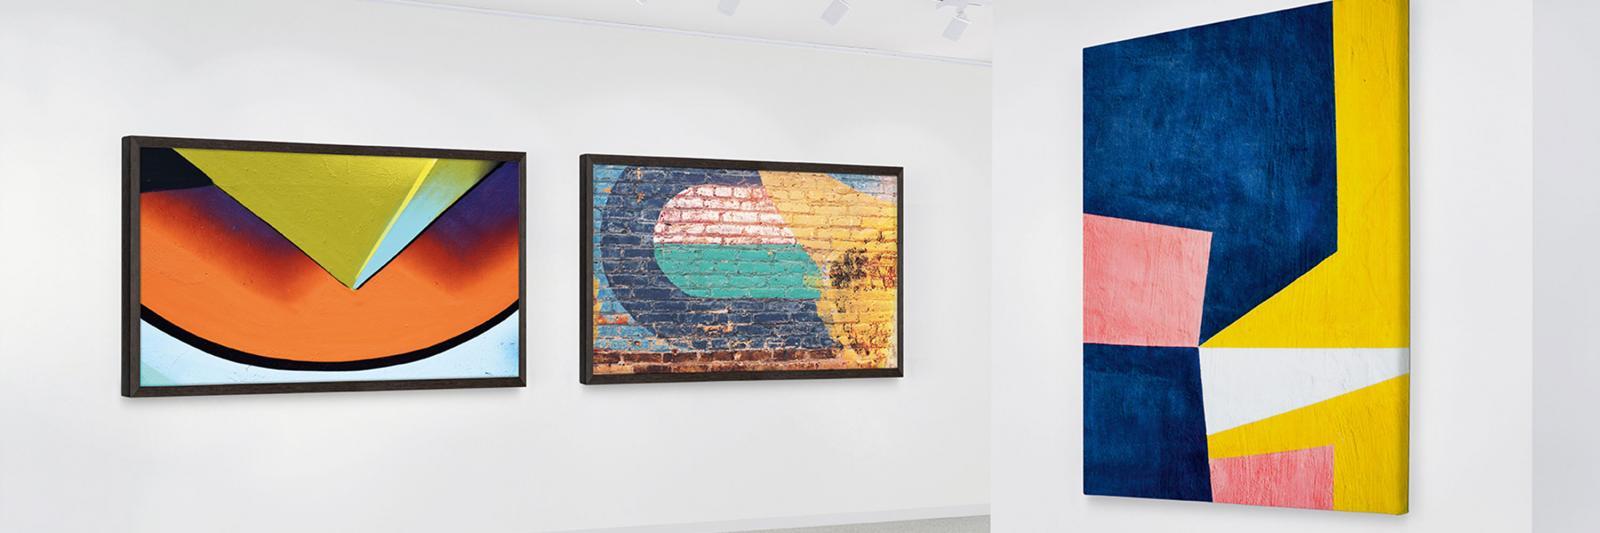 Photo und Art, bedruckbare Künsterleinwände und Fotopapiere drei farbige Kunstreproduktionen an der Wand einer Galerie